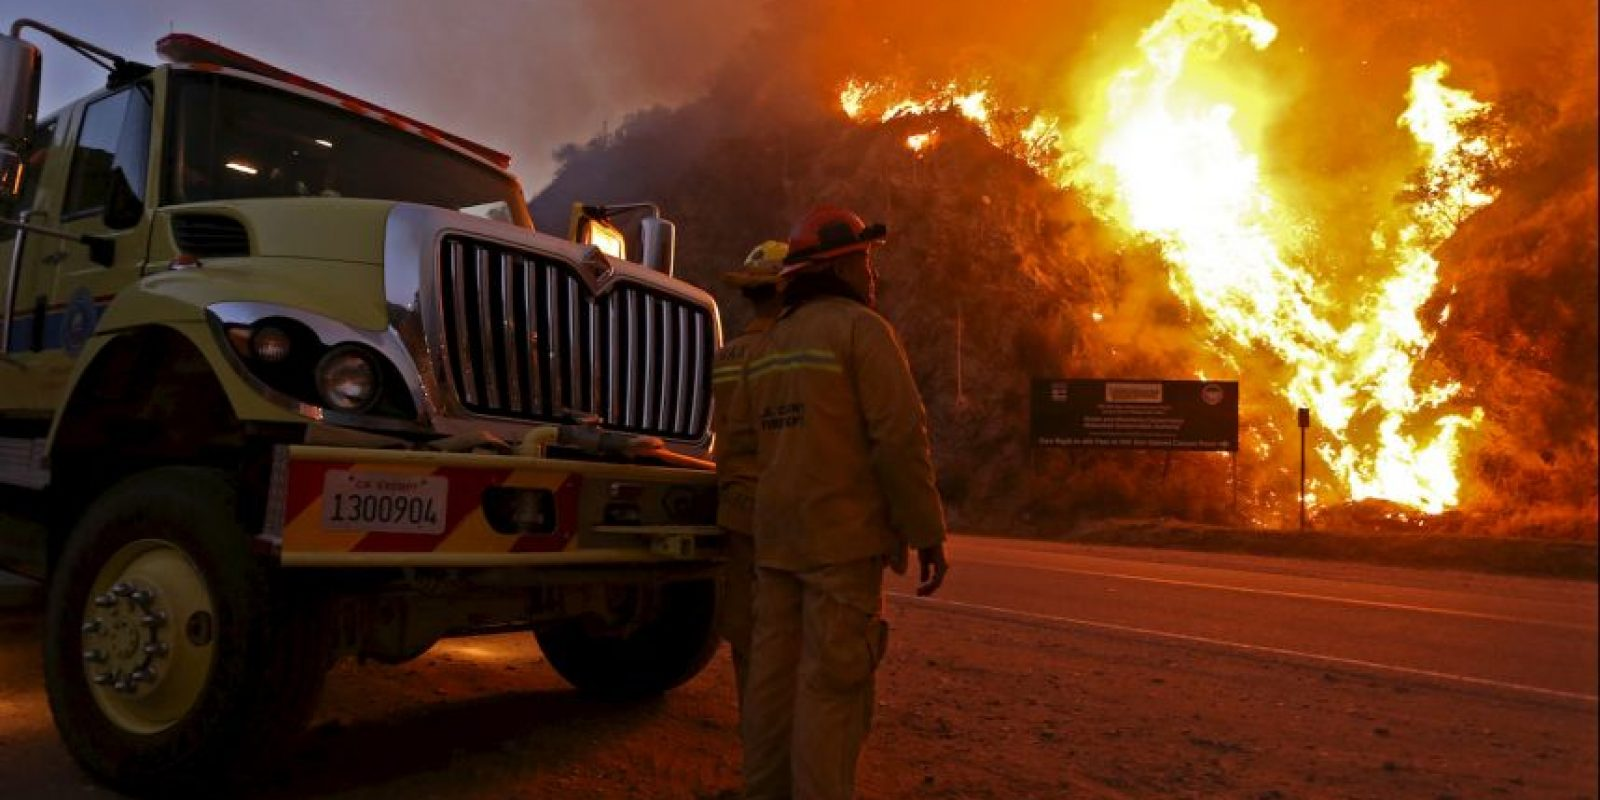 5. El perro de la familia también murió en el incendio. Foto:Archivo/Getty Images